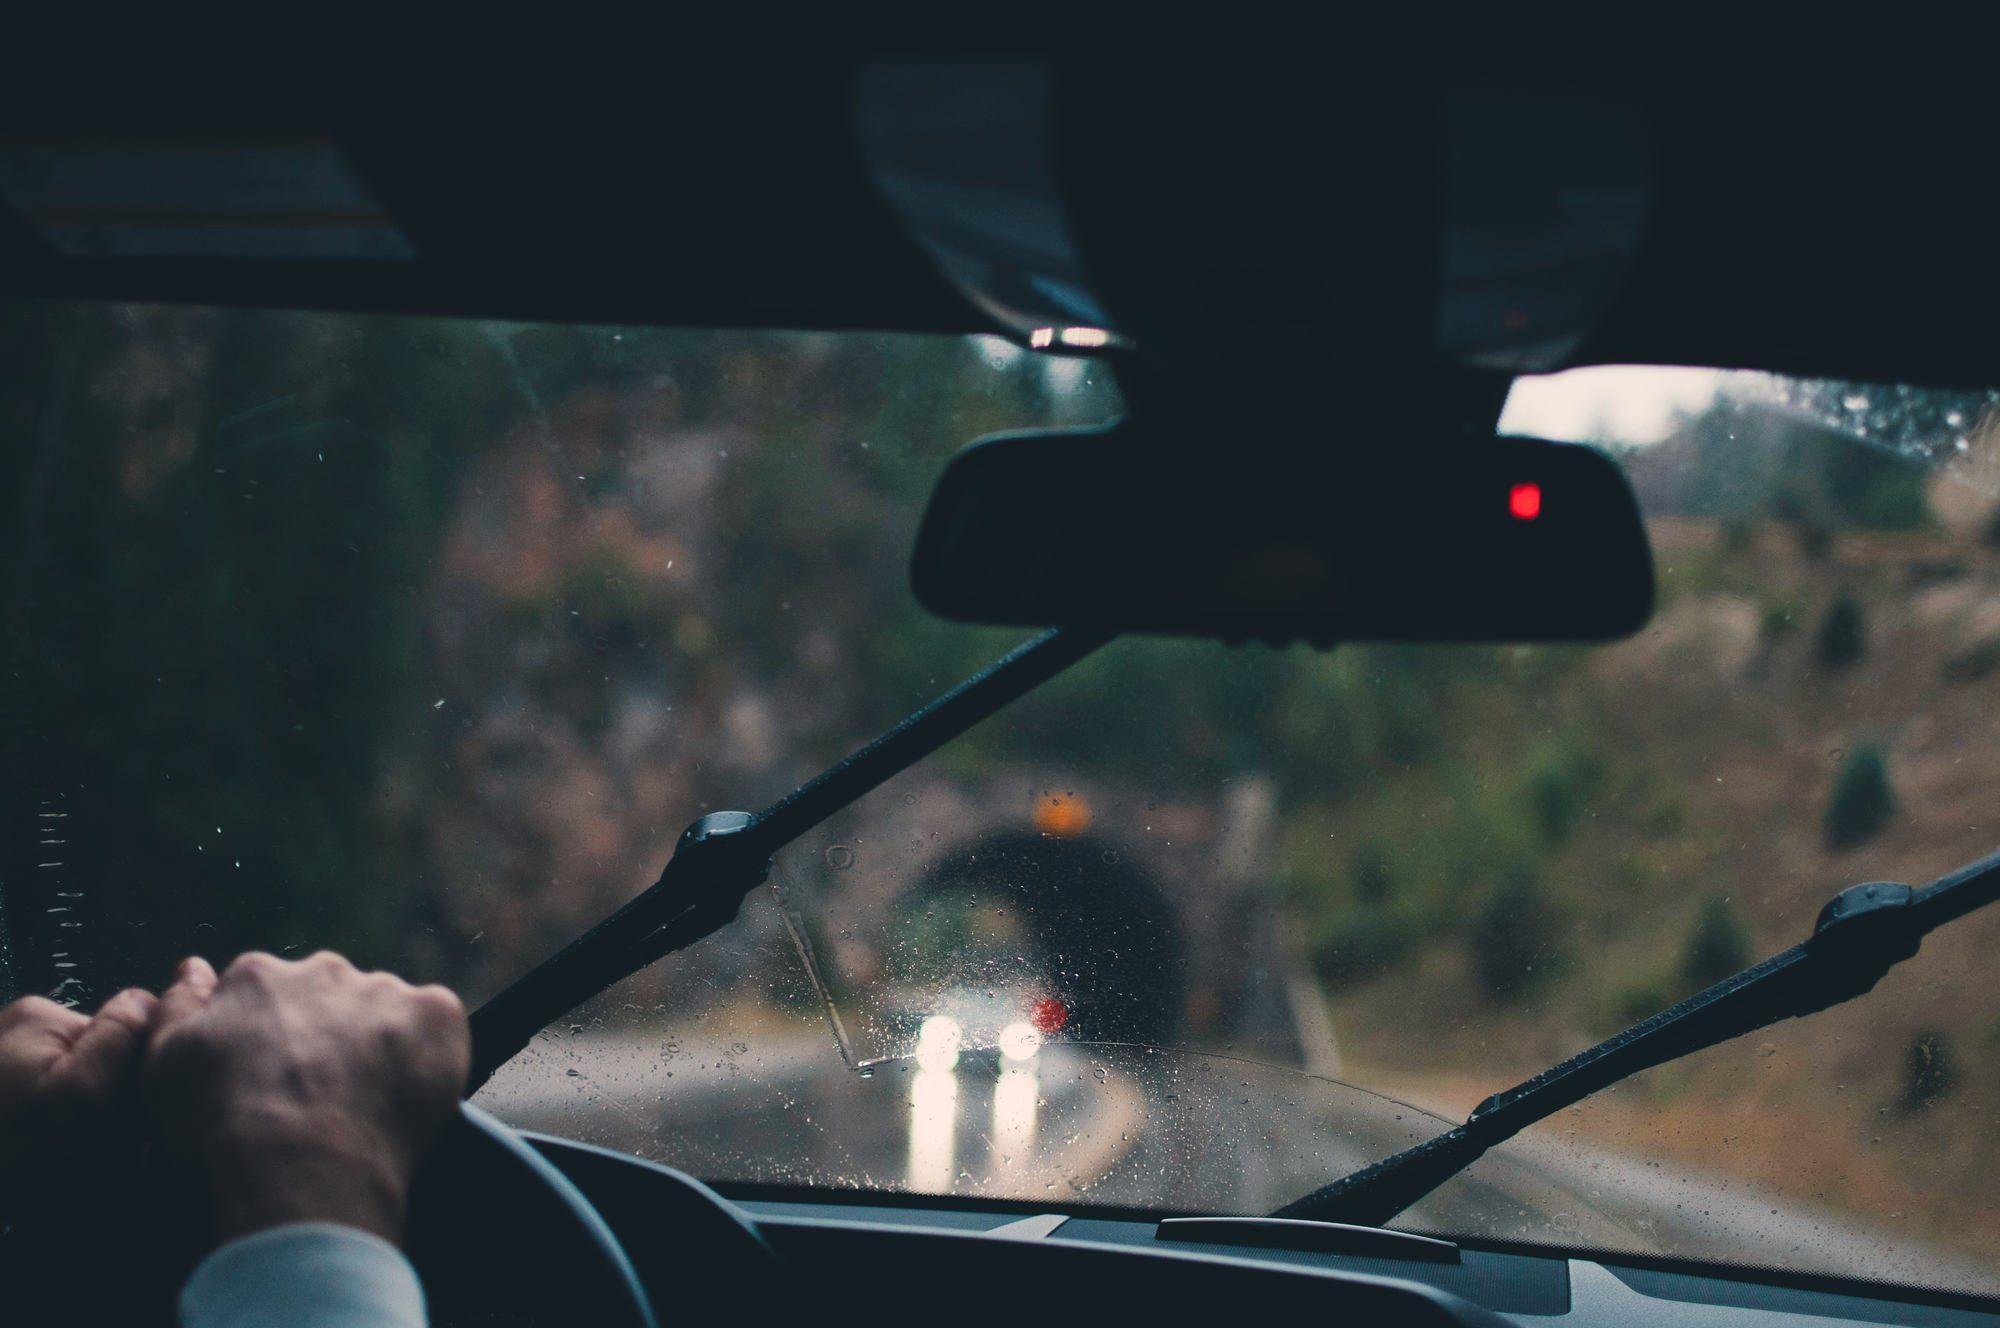 MS & rijbewijs: Het drama genaamd CBR